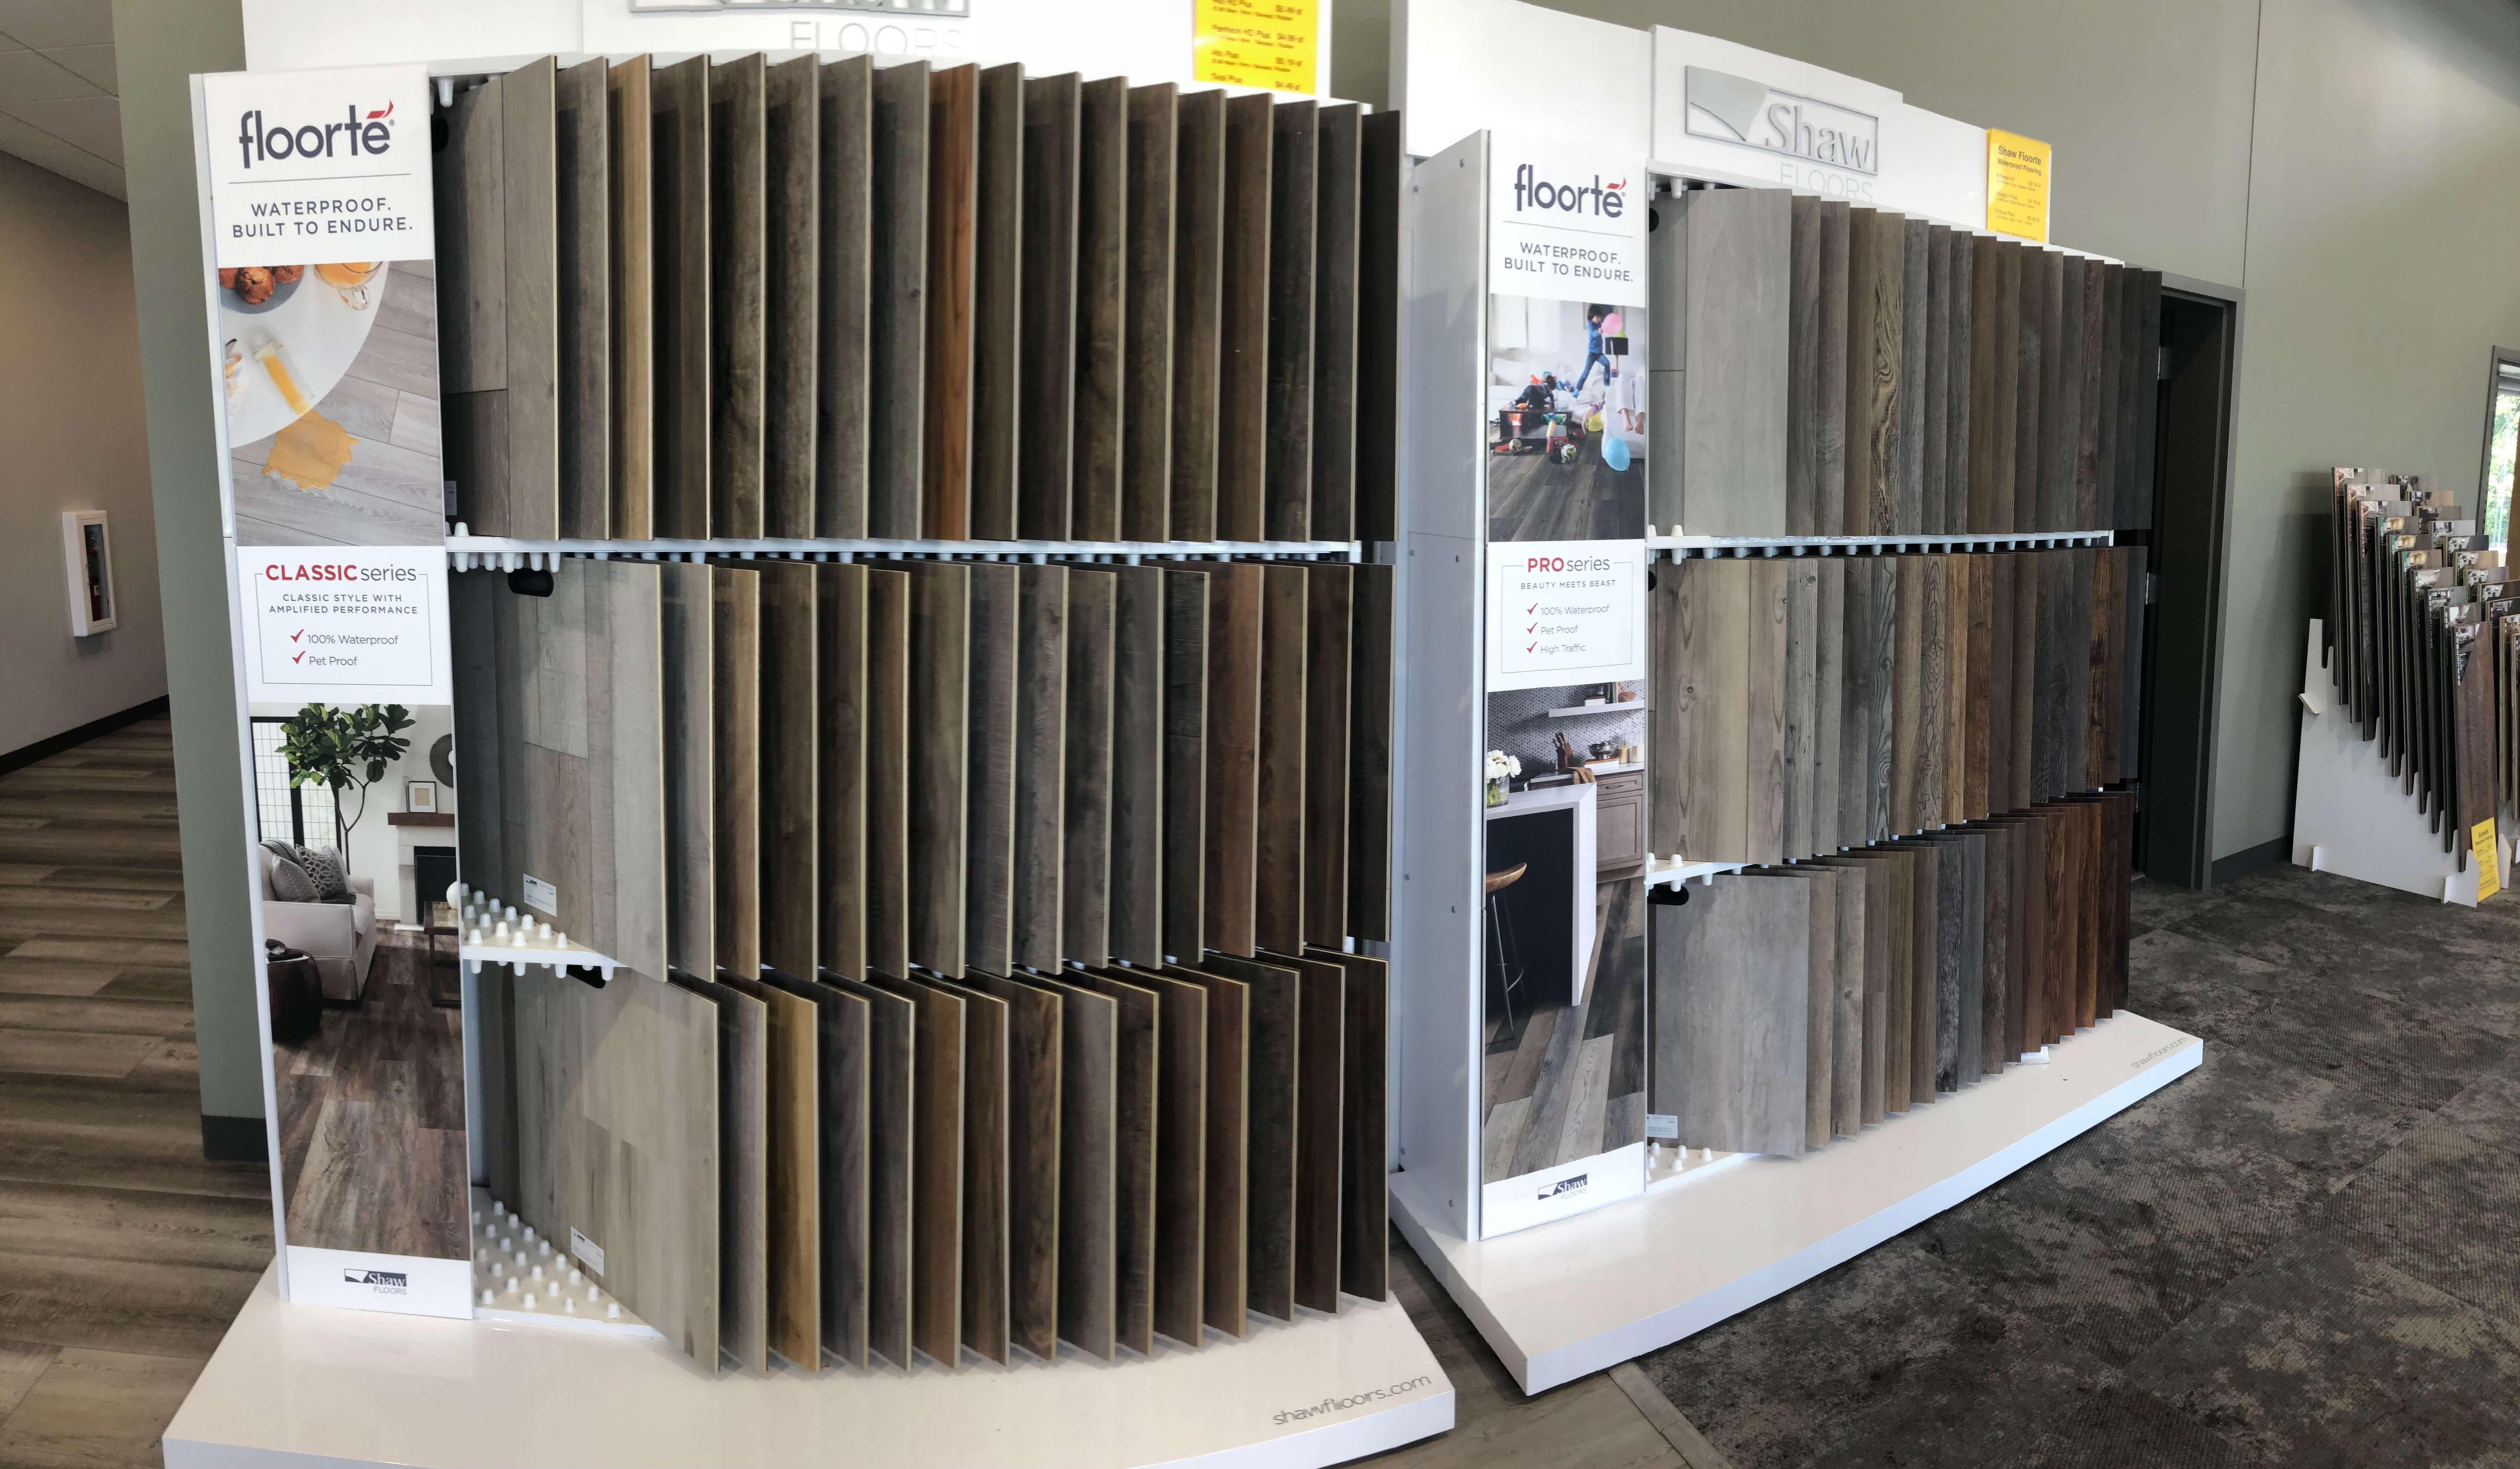 LVT samples displayed in Stanley Steemer showroom in Kalamazoo